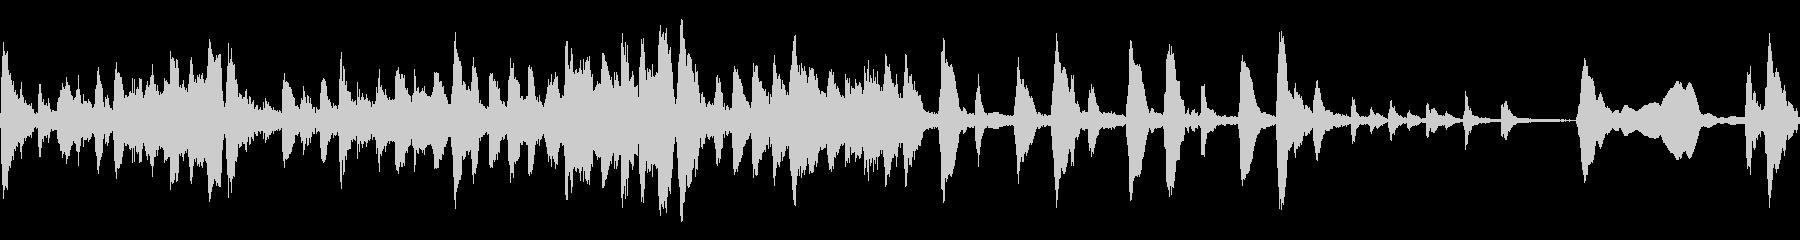 小編成ストリングスによる不気味なBGMの未再生の波形